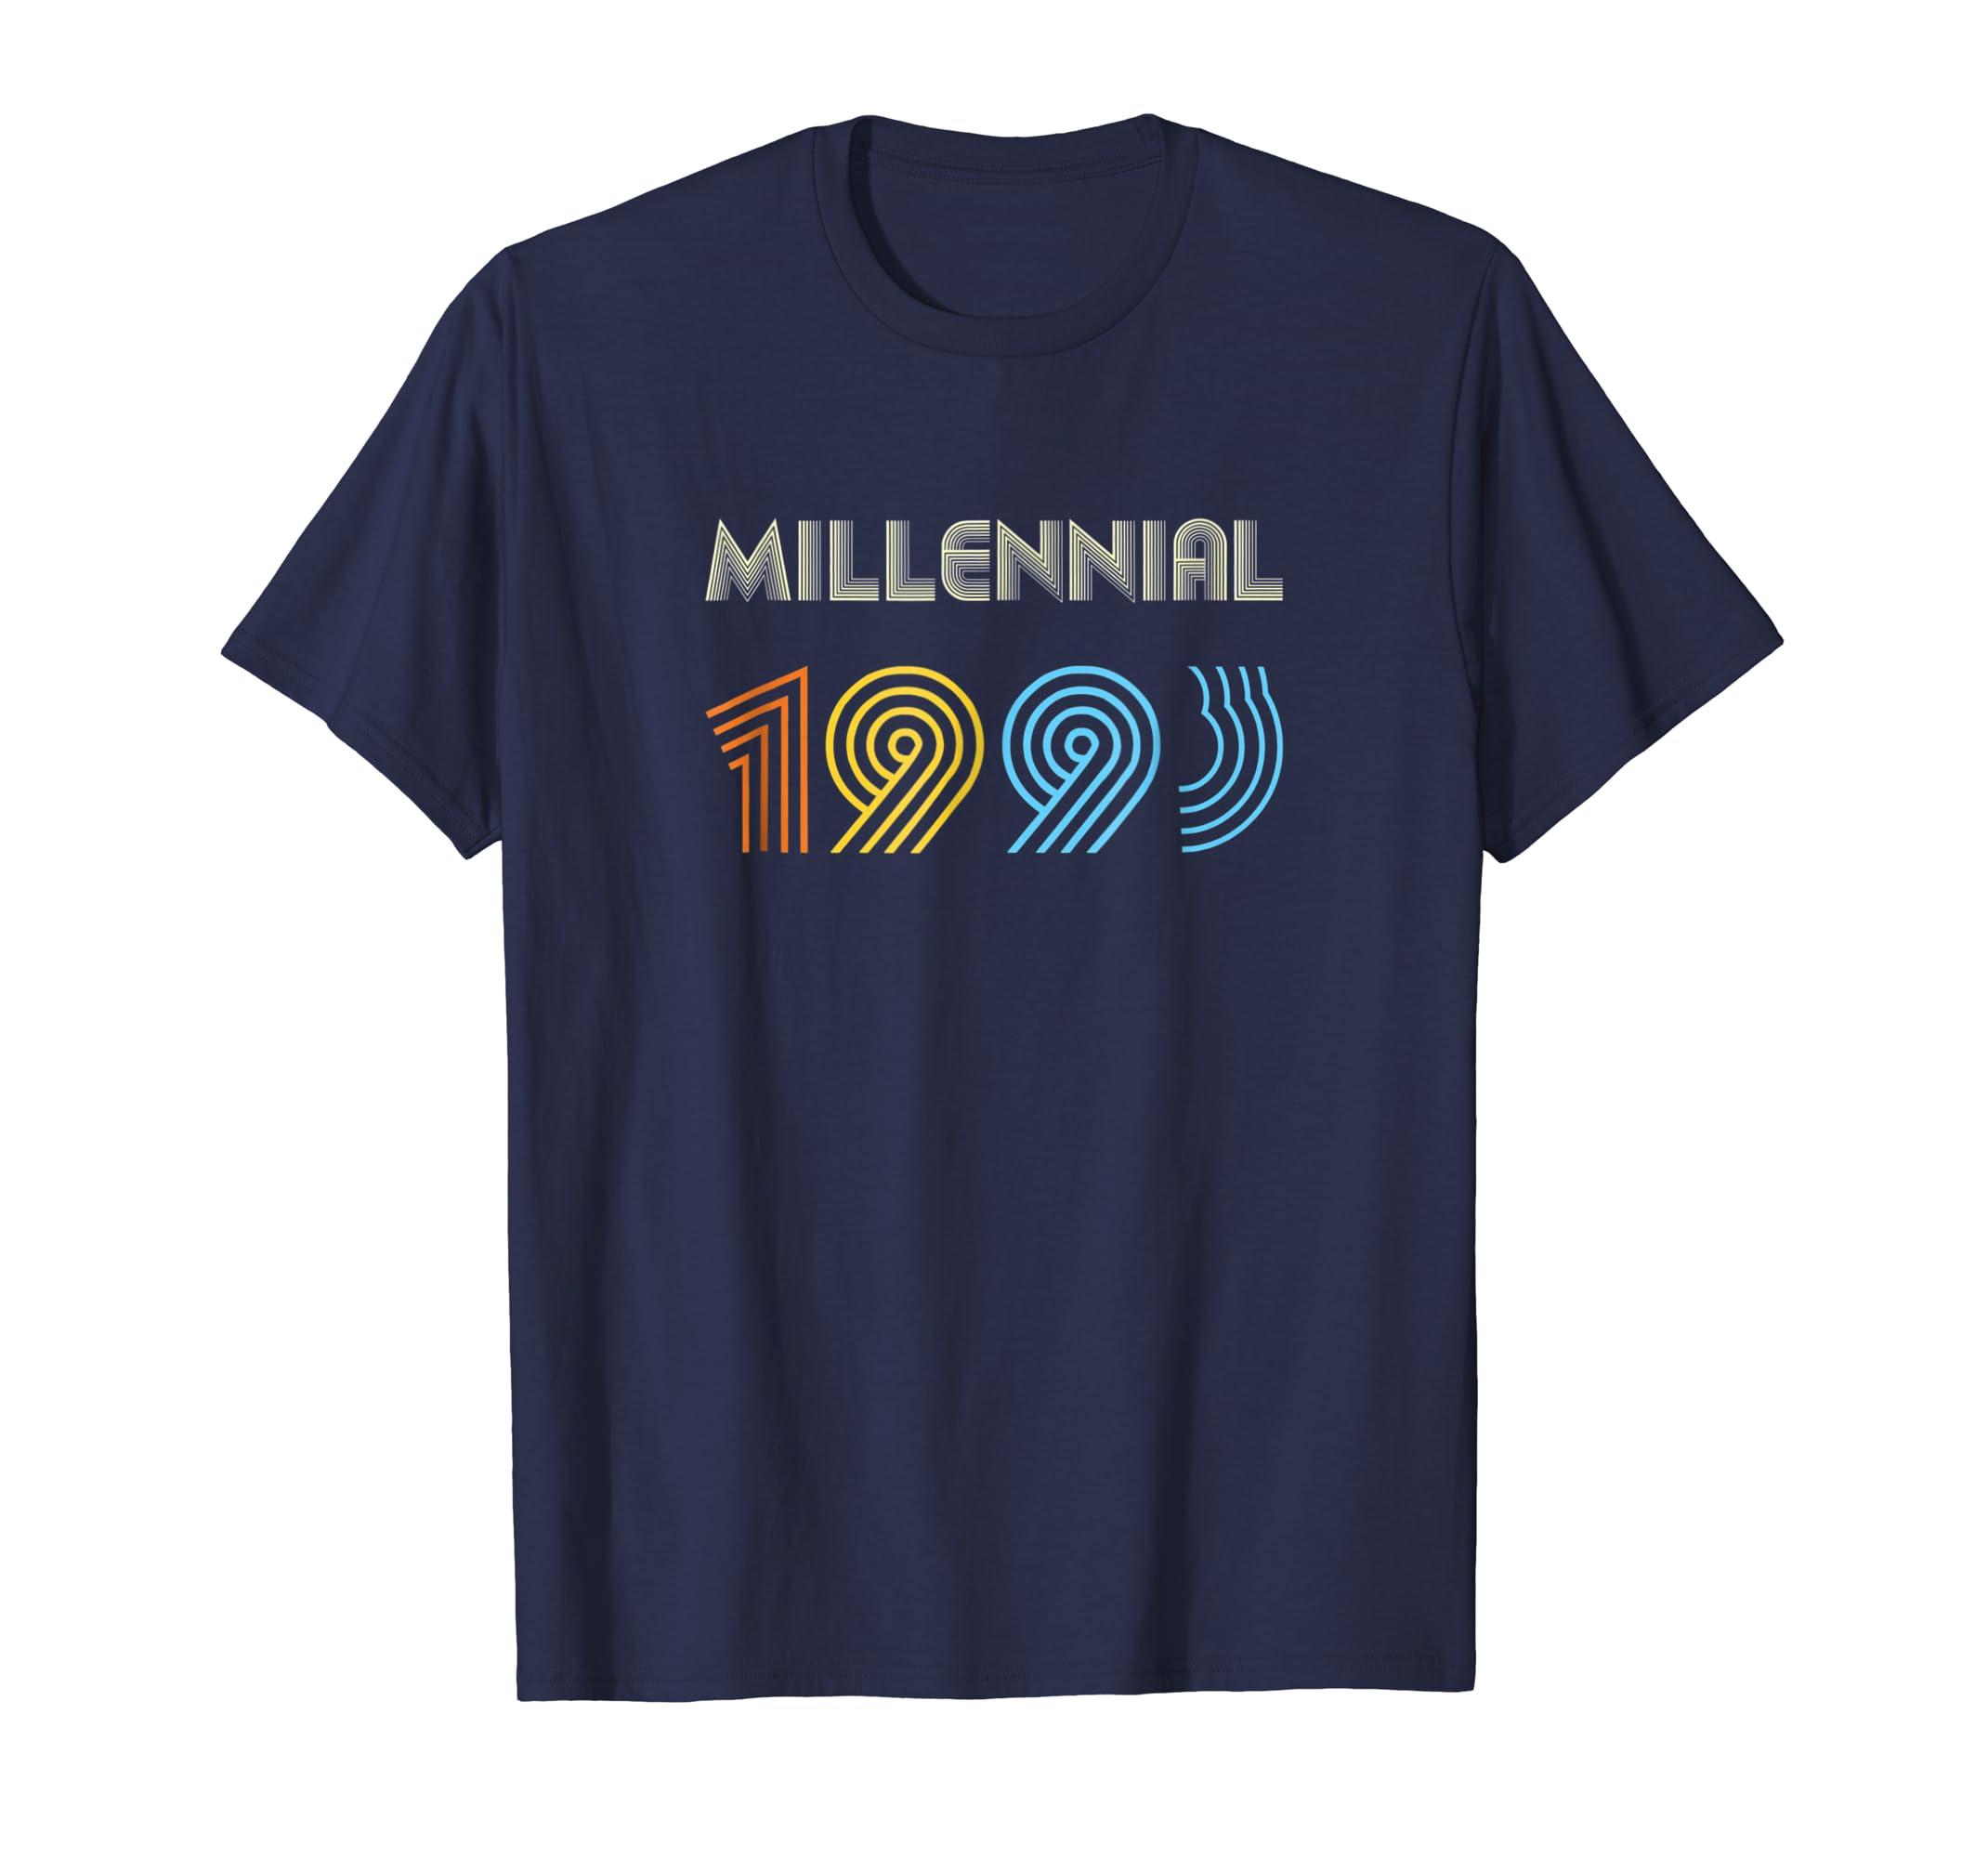 Xeire Millennial Born in 1993 Birthday Gift Shirt-SFL